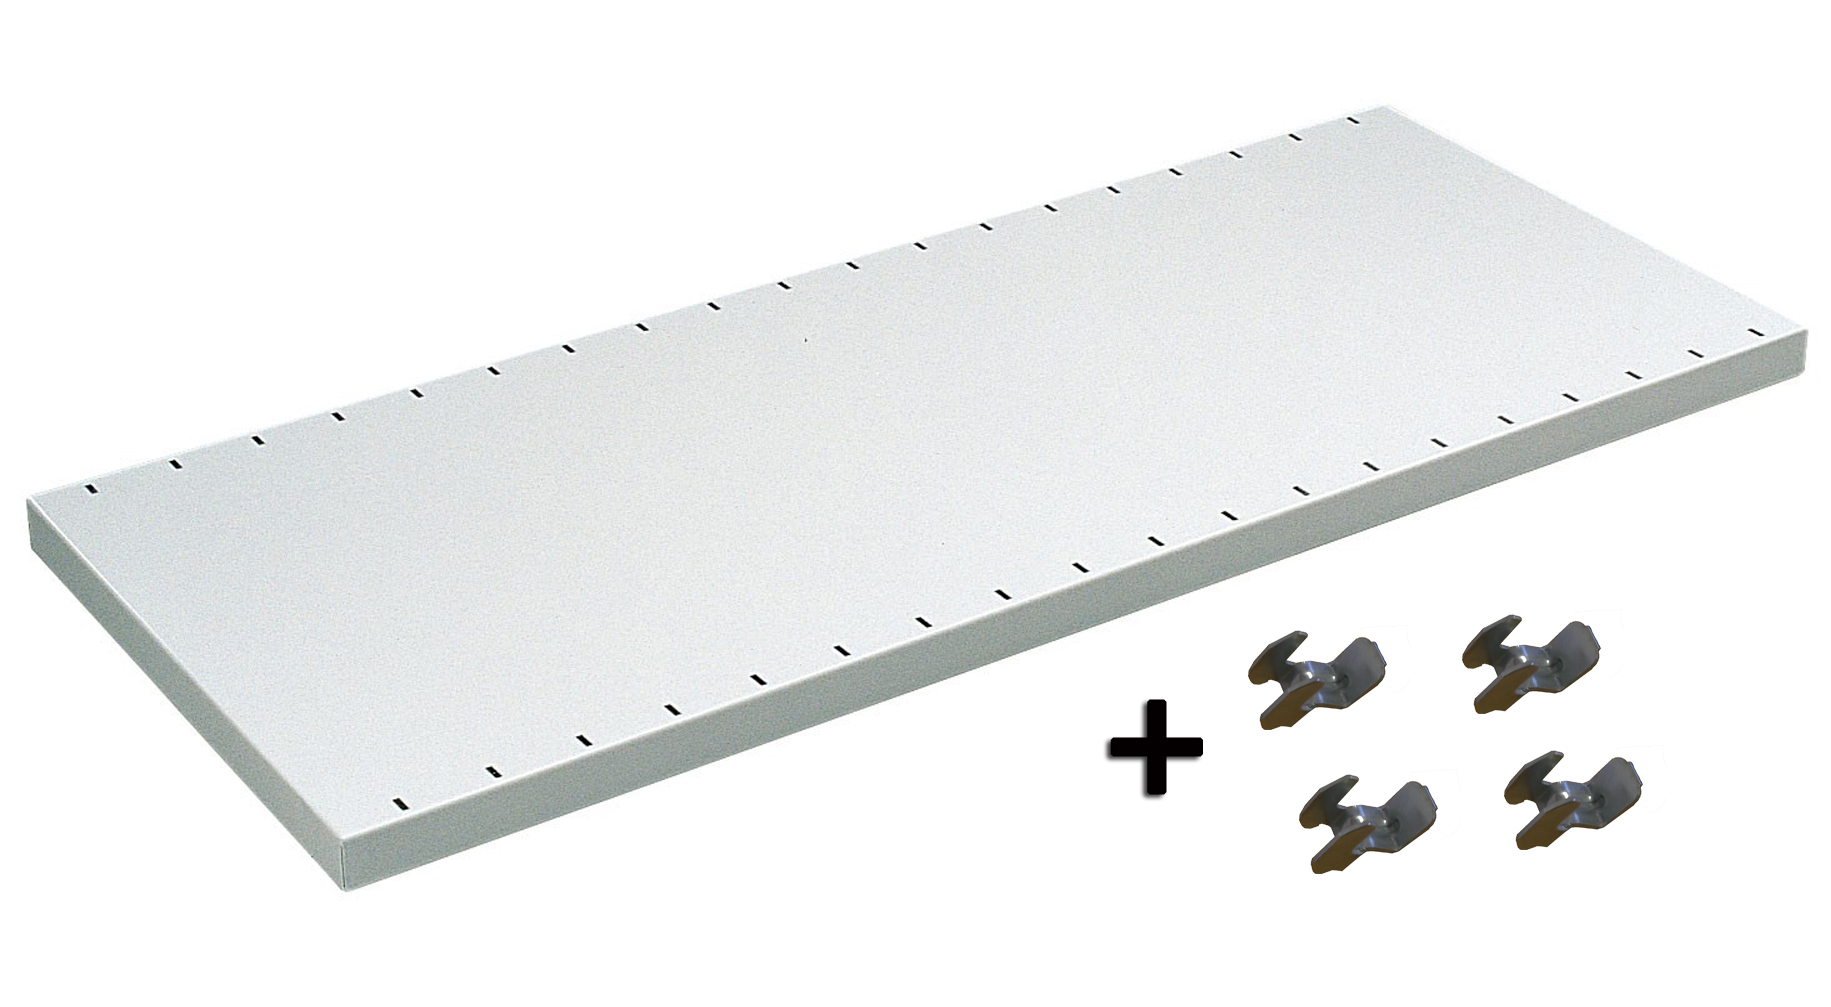 Tablette rayonnage peint L.97 x P.40 cm charge 105 kg